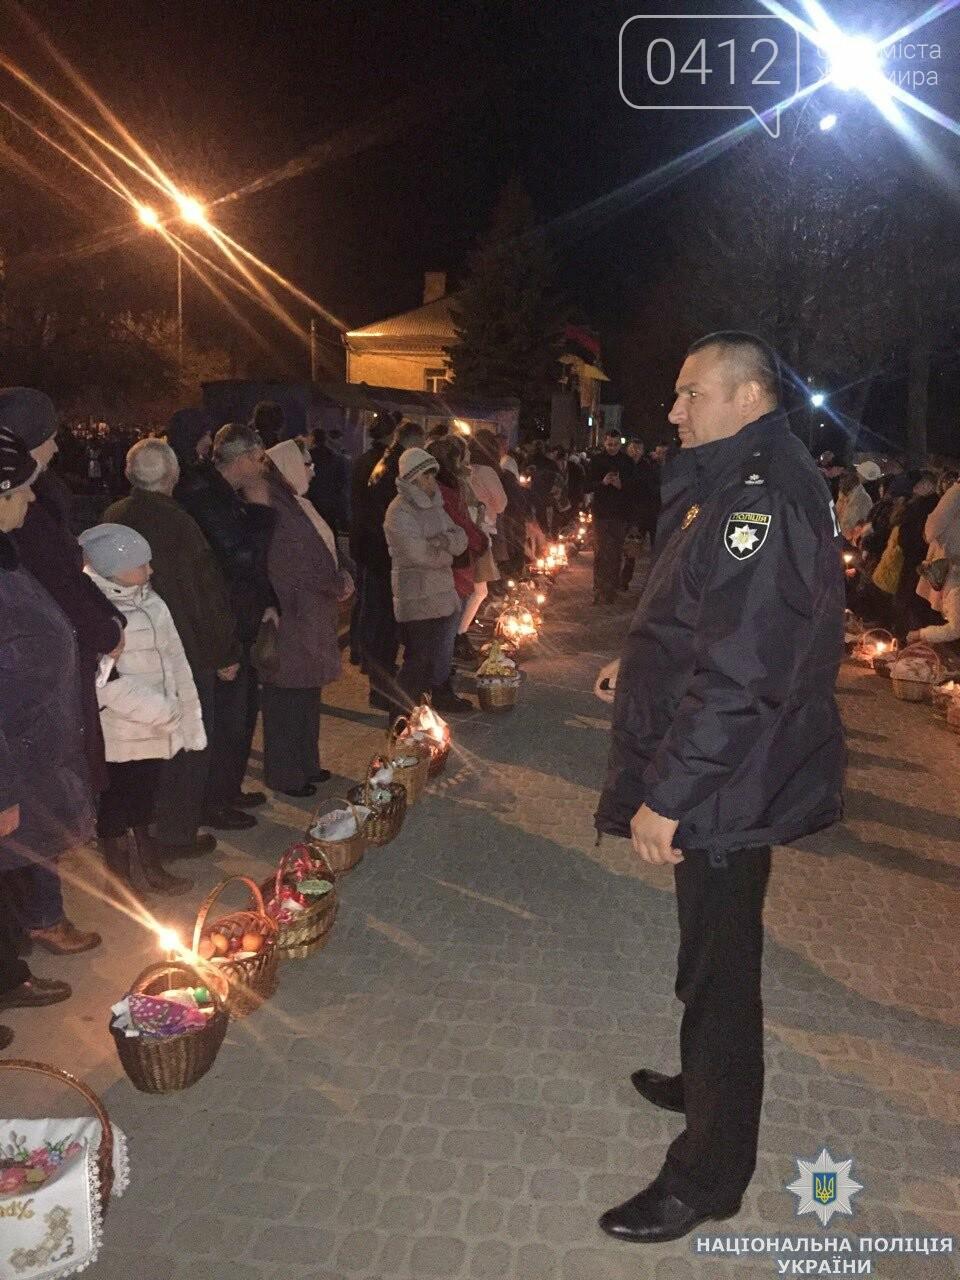 Великодні свята на Житомирщині проходять без грубих порушень публічного порядку, фото-2